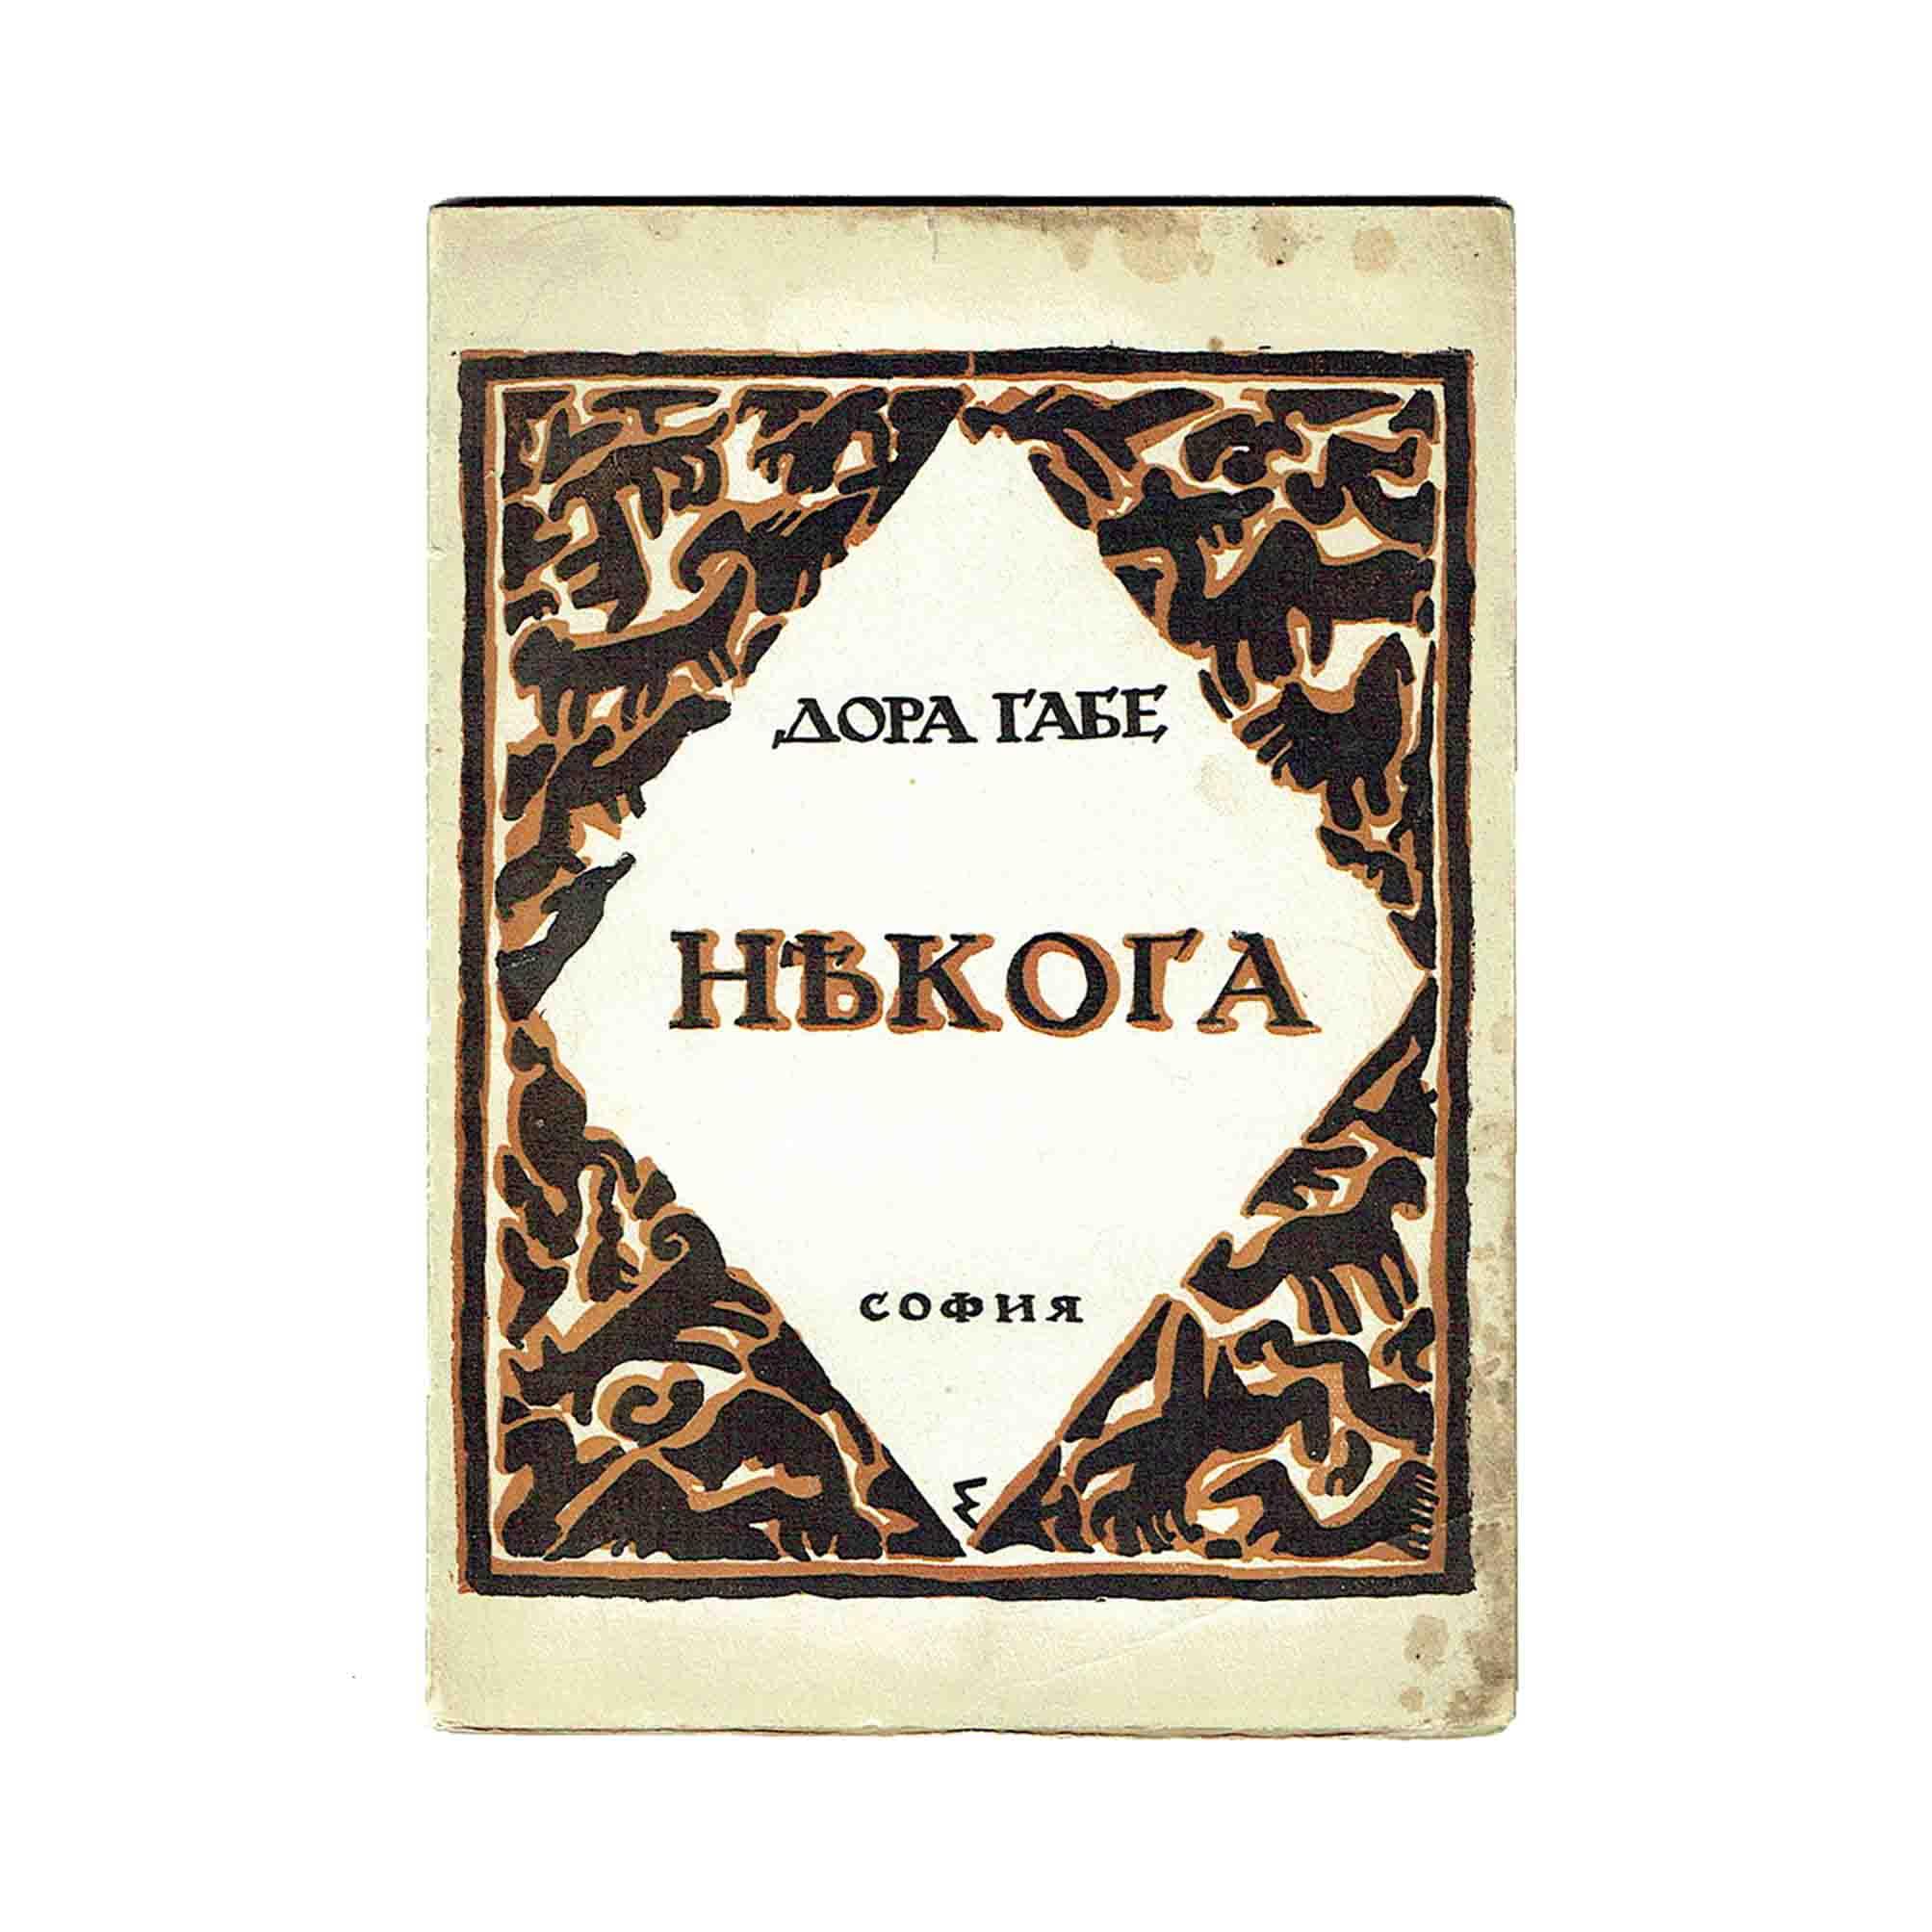 22-Sirak-Skitnik-Gabe-Nykoga-1924-Cover-recto-frei-N.jpeg